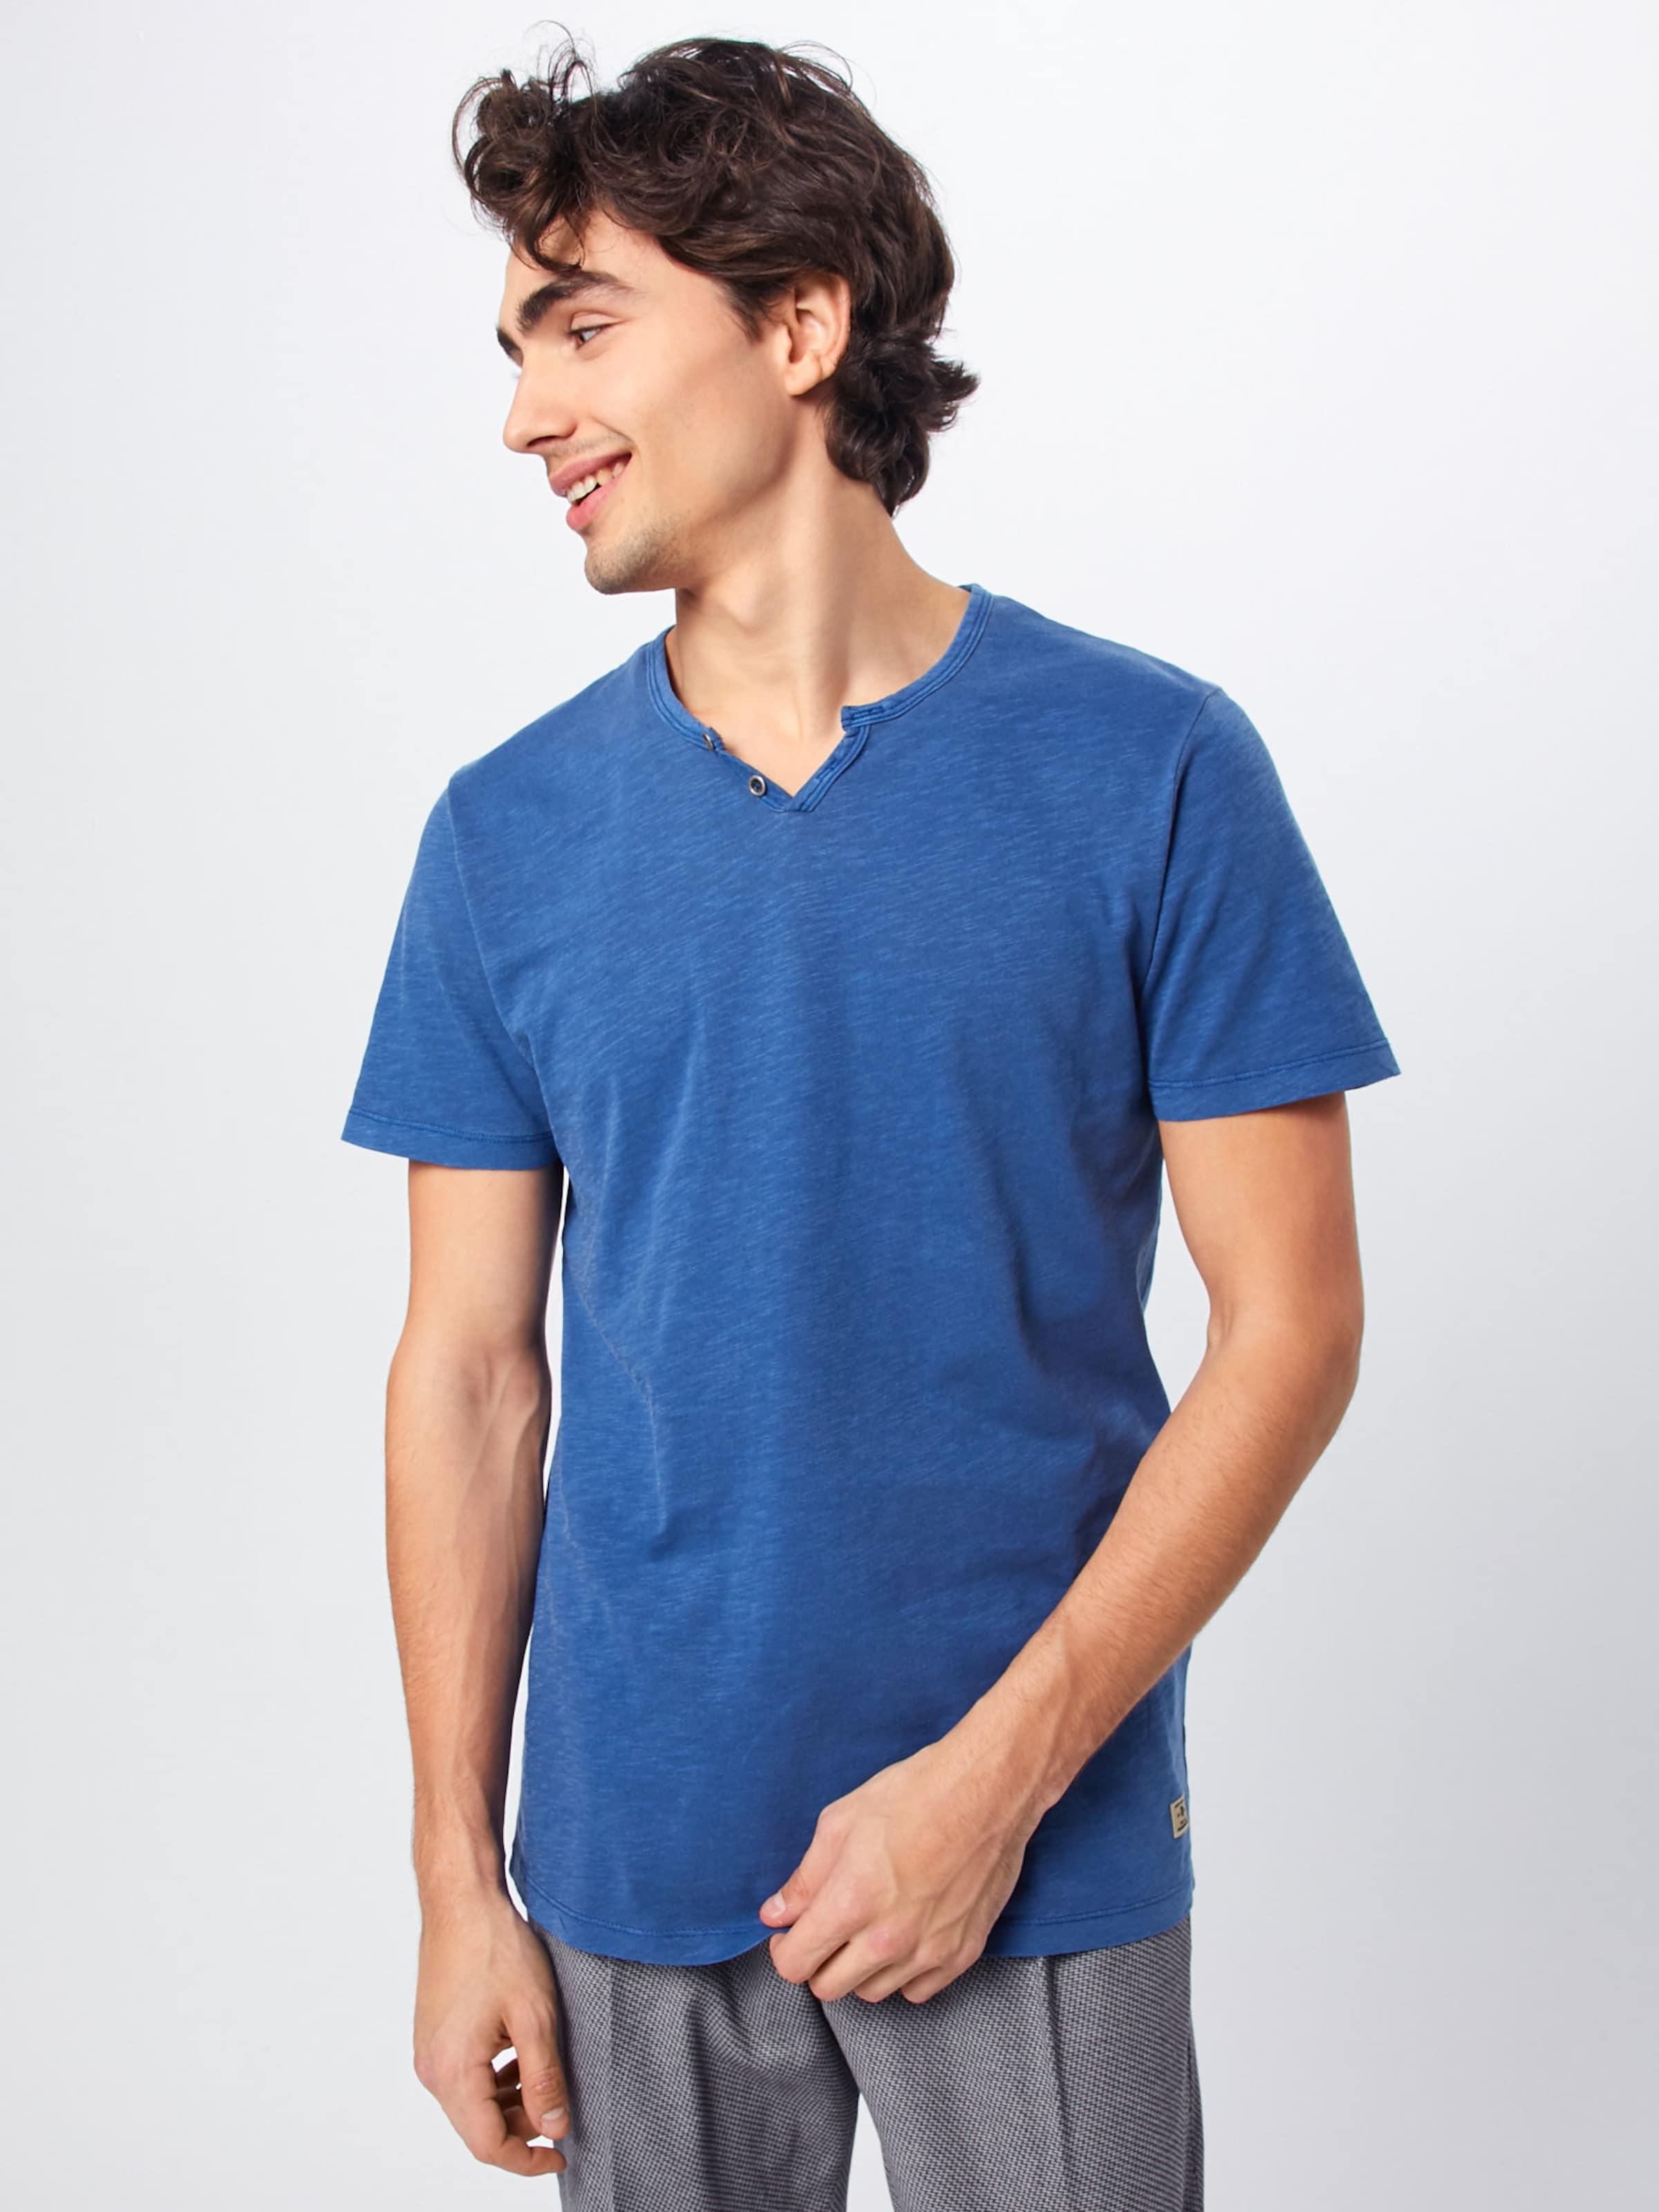 Jones Jackamp; Bleu 'jprben' shirt T Foncé En O0kXZNP8nw